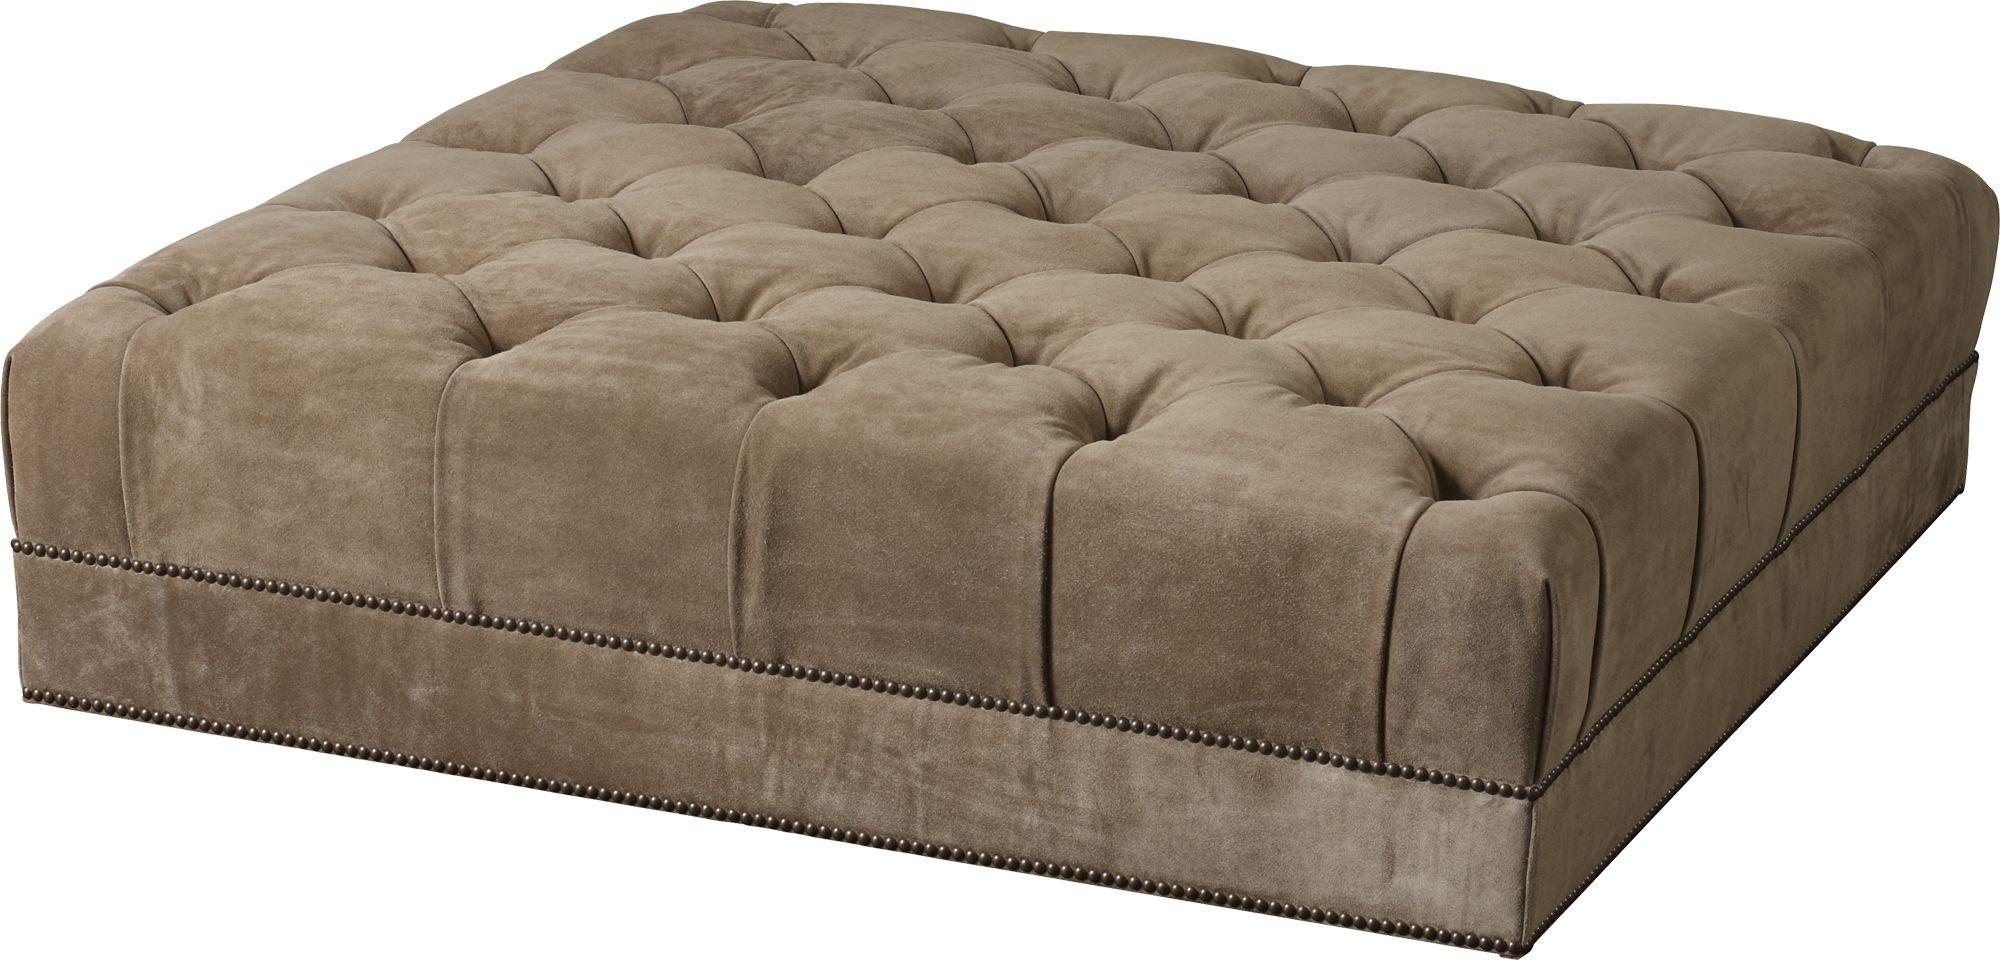 Baker Furniture Thomas Pheasant|Baker Designer Upholstery Paris Ottoman    Tufted 6132O 1